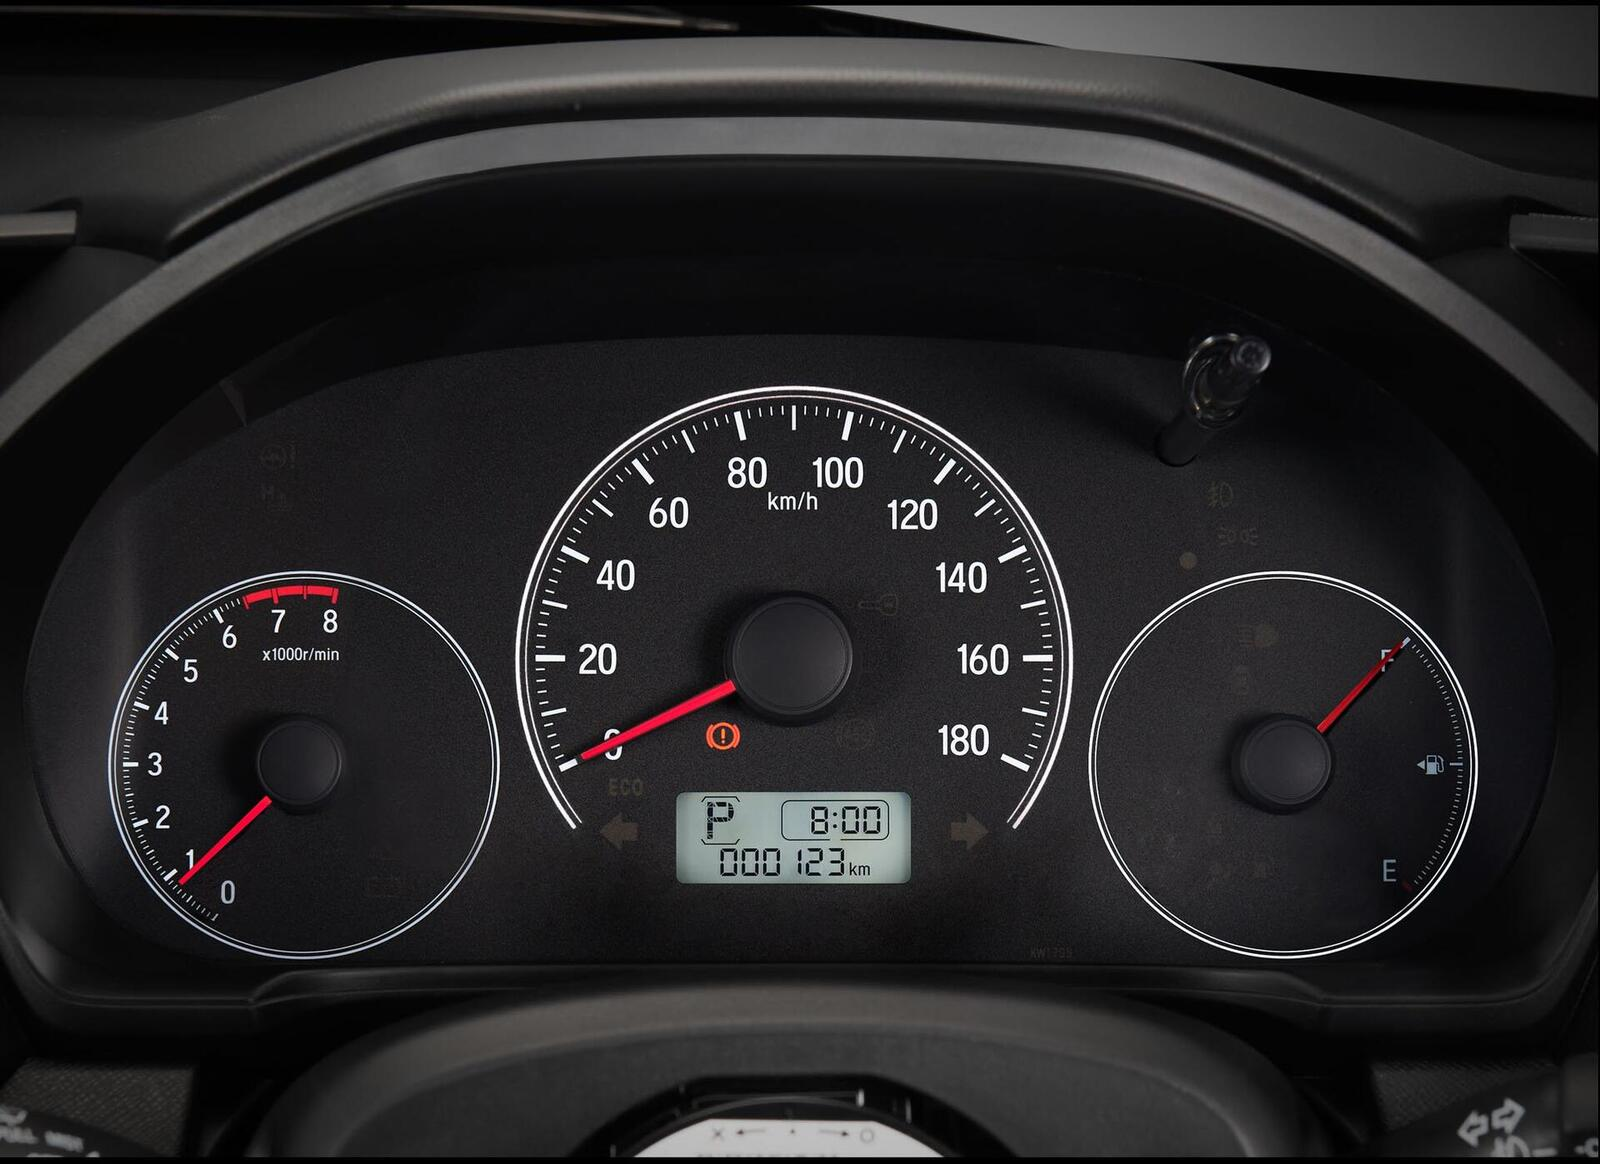 Dự đoán 3 phiên bản Honda Brio sắp ra mắt vào ngày 18.06 sắp tới - Hình 9